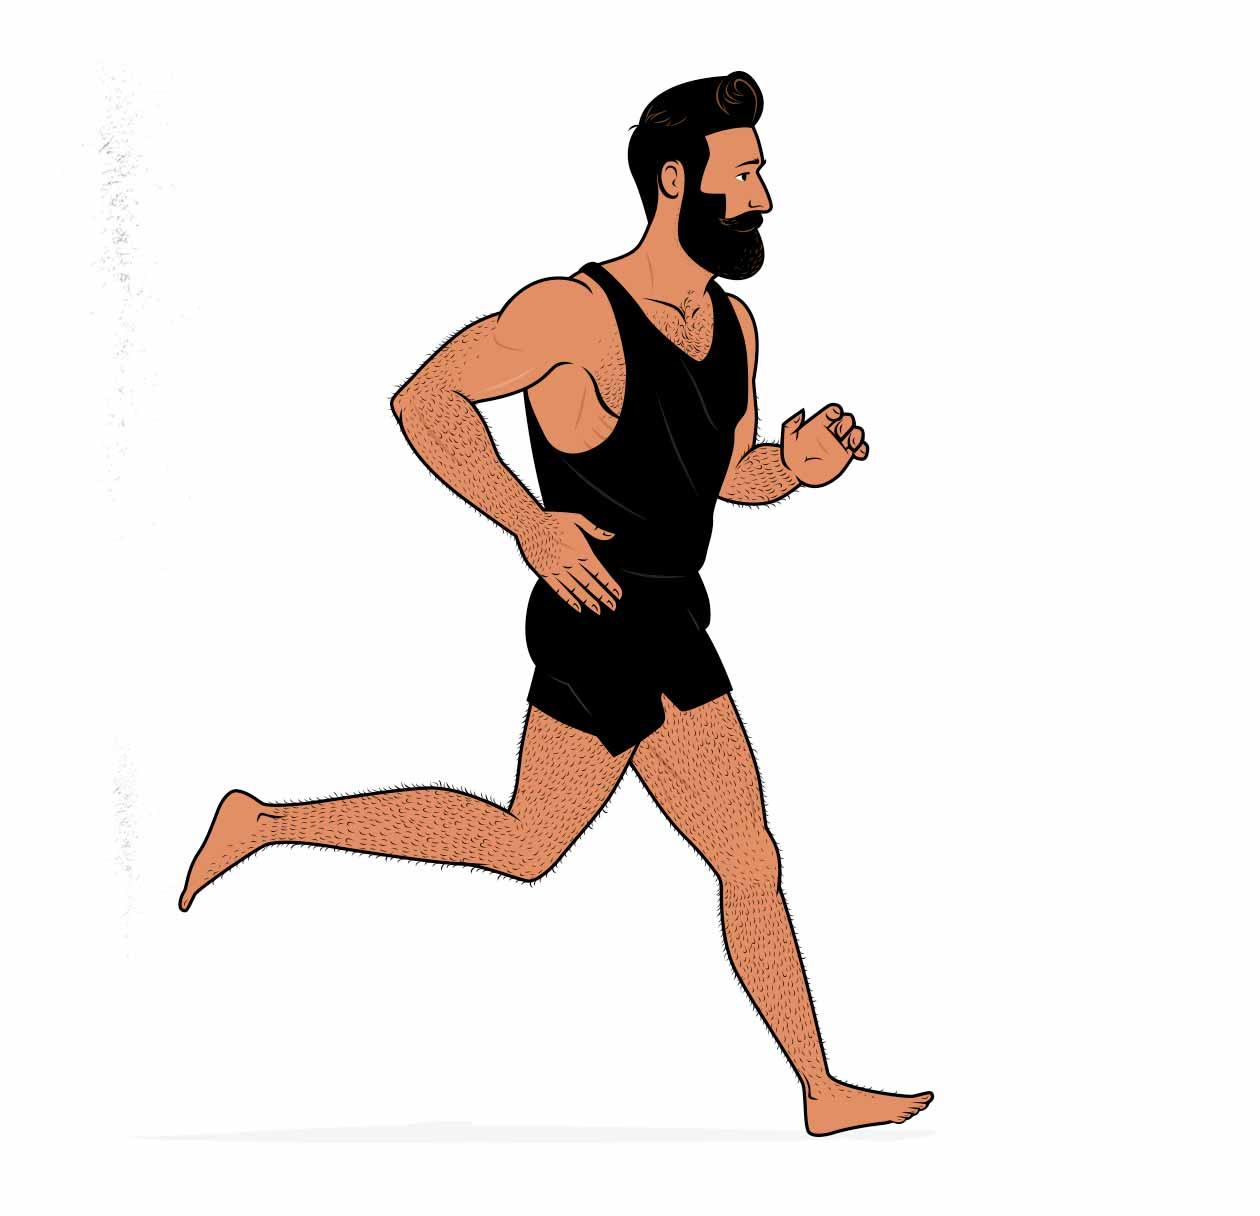 Ilustración de un hombre muscular trotando.